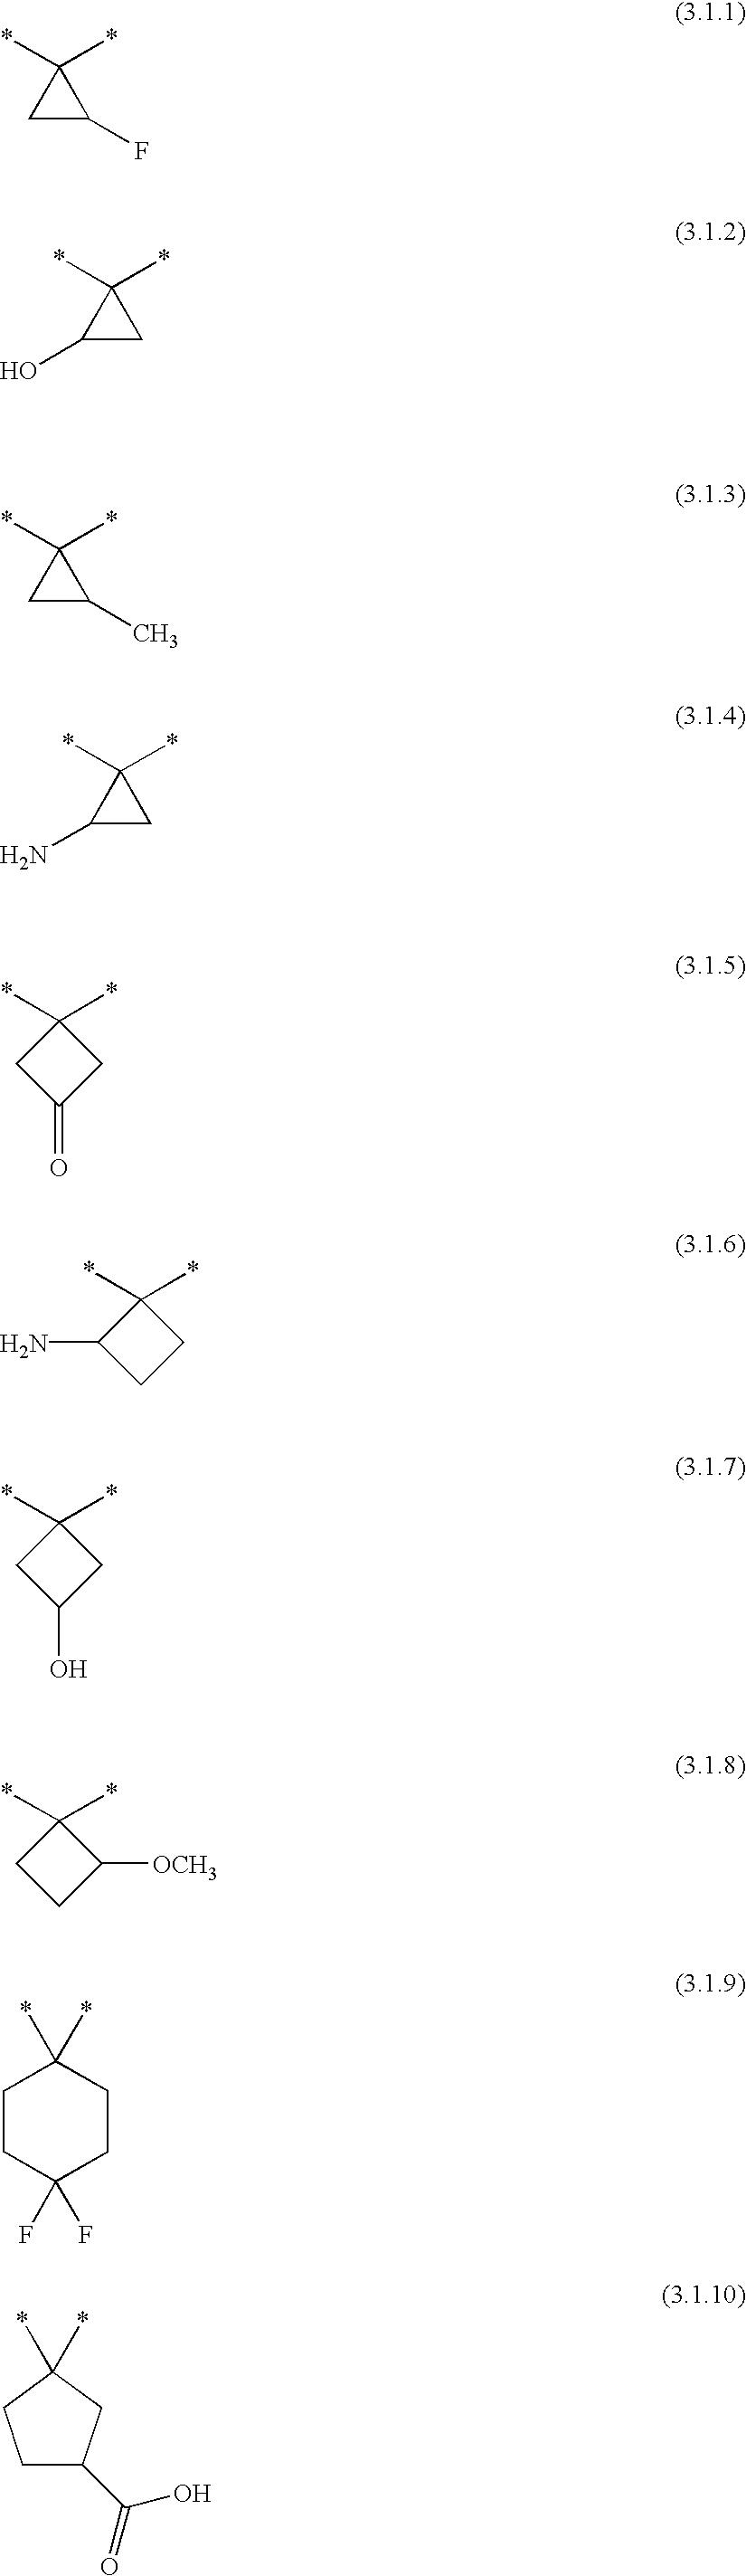 Figure US20030186974A1-20031002-C00137